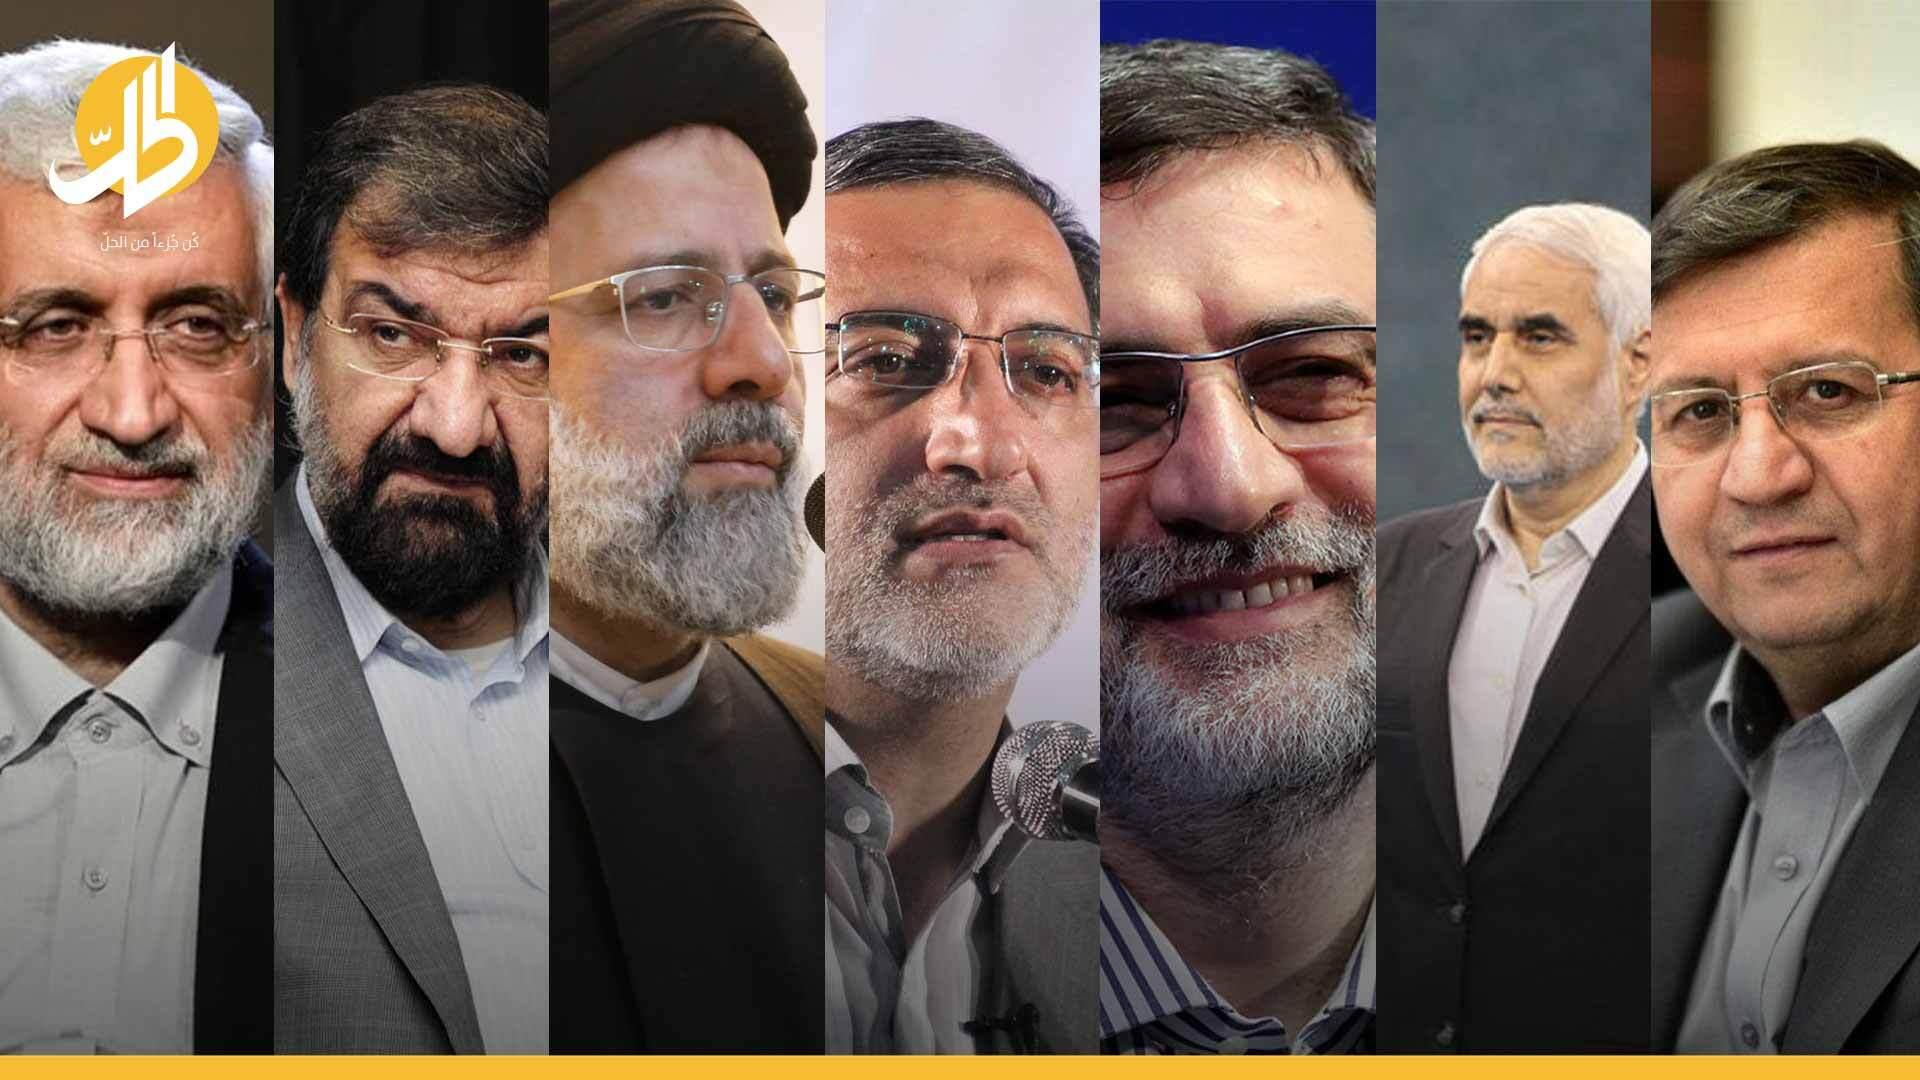 الانتخابات الرئاسية الإيرانية: إقصاءٌ للإصلاحيين إرضاءً لطمَع المُرشد!